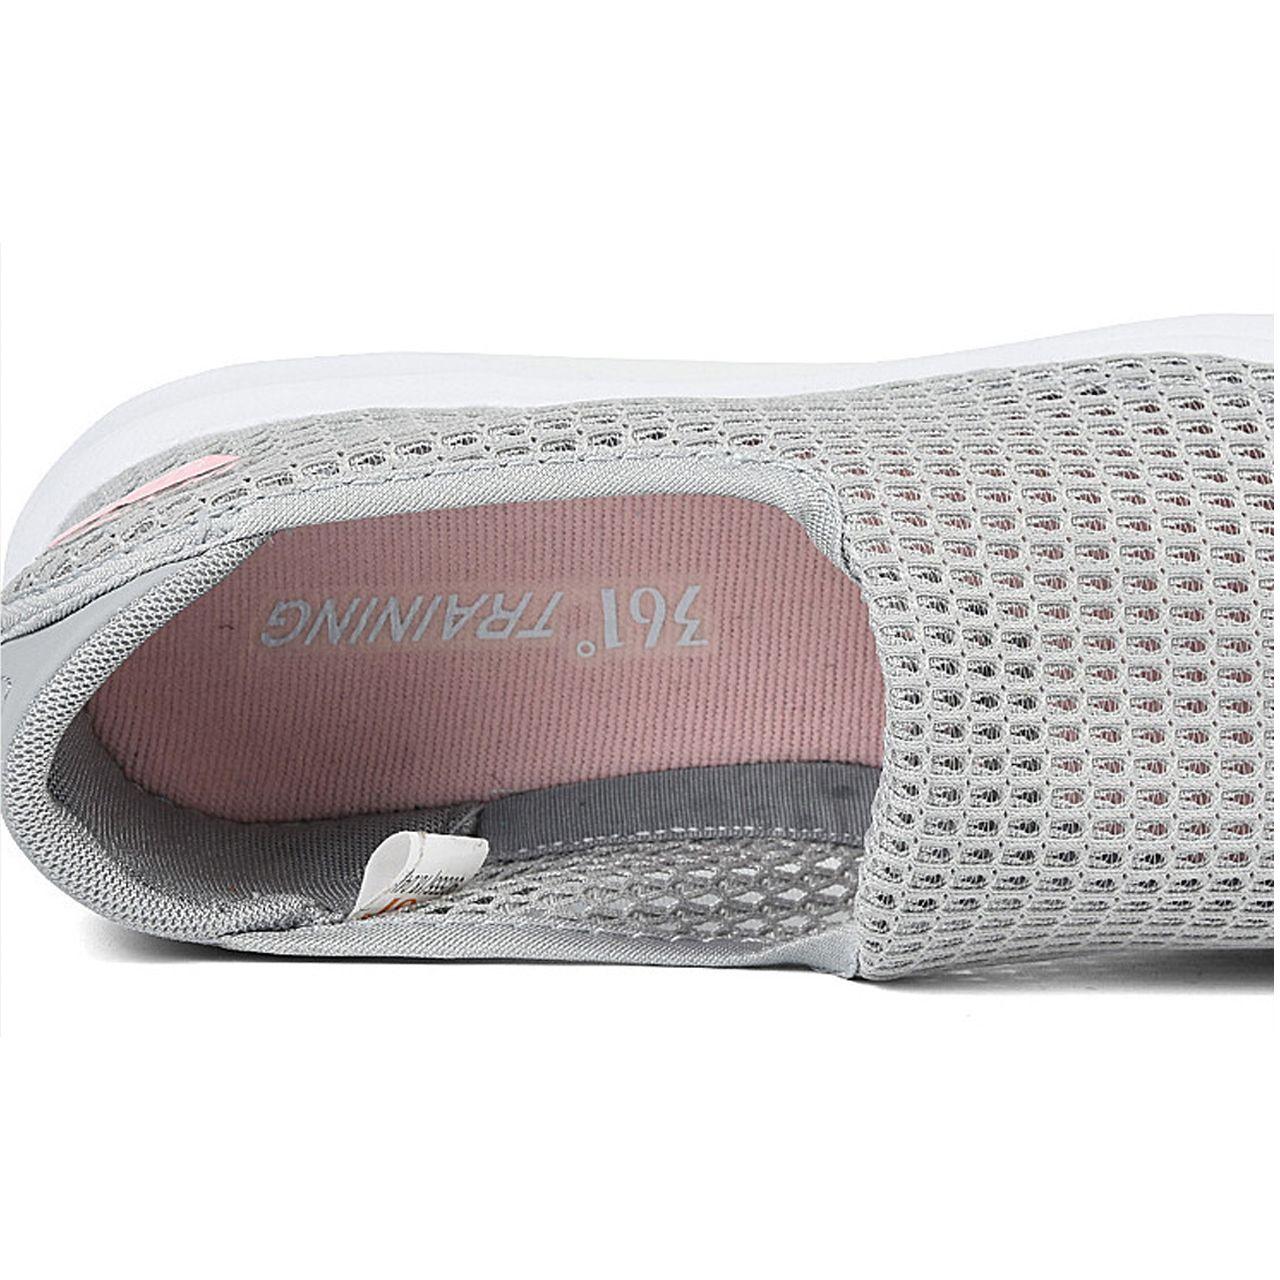 کفش مخصوص پیاده روی زنانه 361 درجه کد 581824421 -  - 10